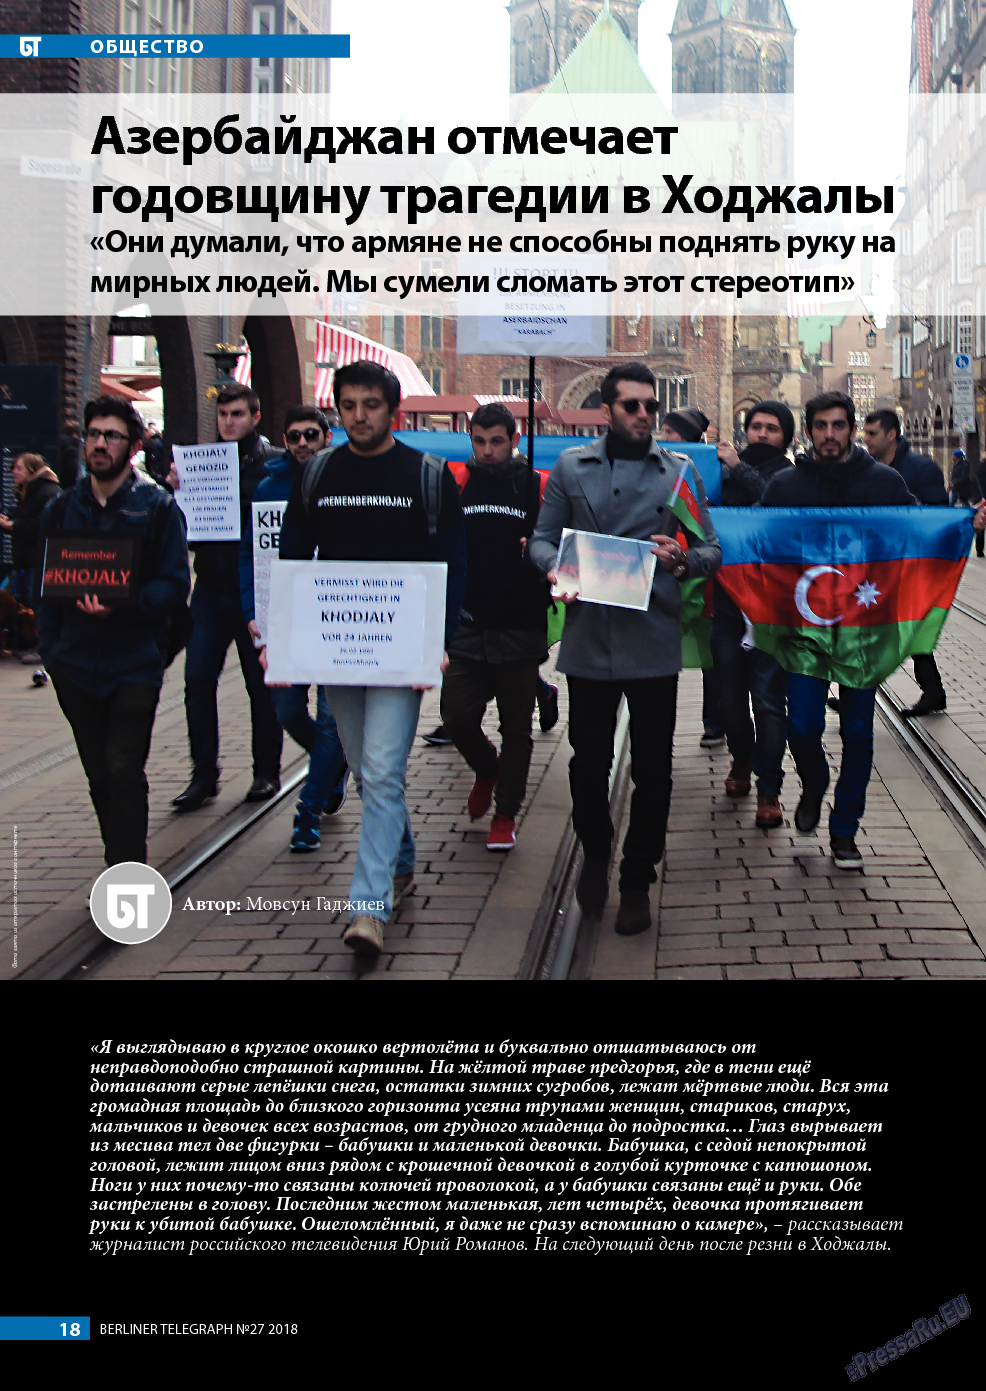 Берлинский телеграф (журнал). 2018 год, номер 27, стр. 18